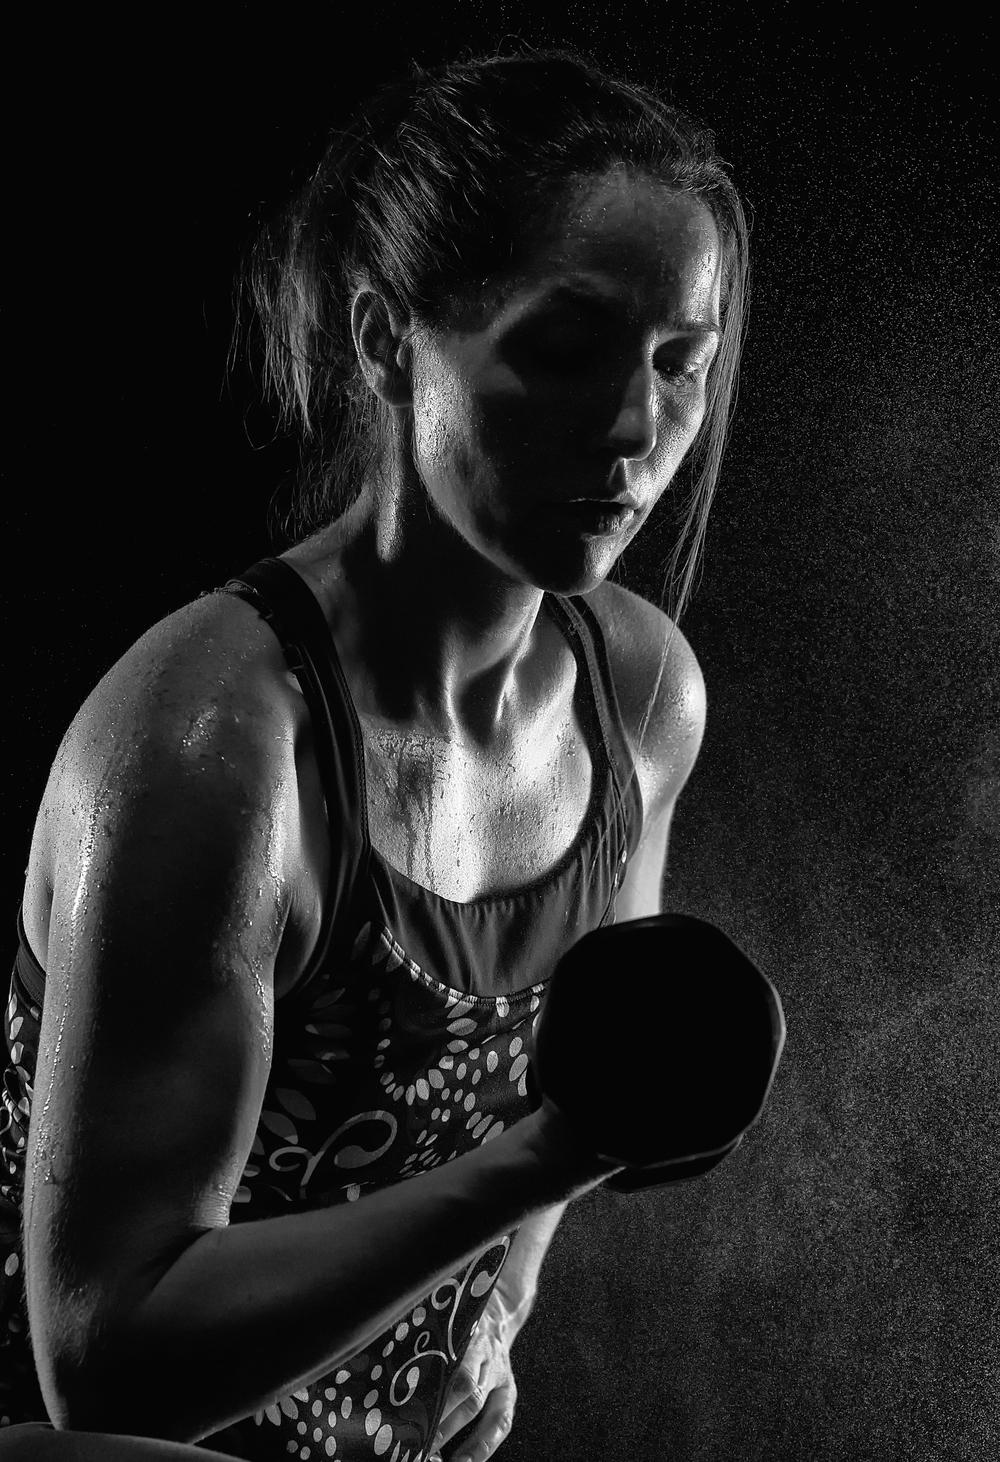 Gym shoot - May 13